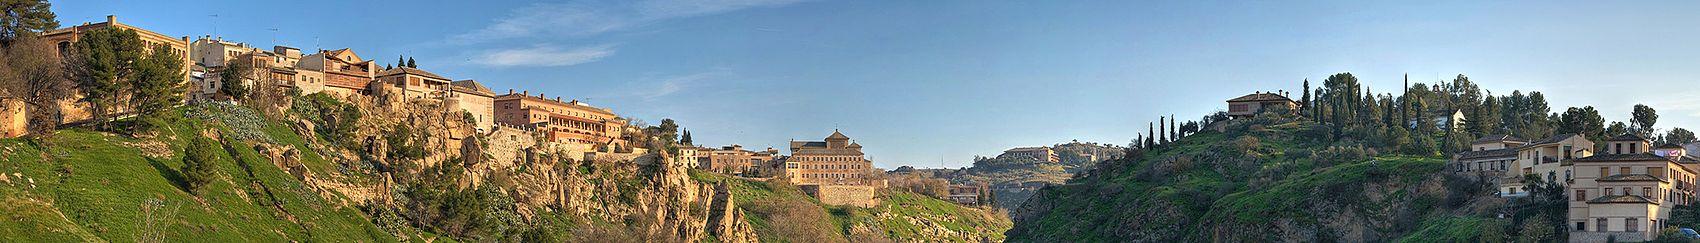 Locapedias de Toledo